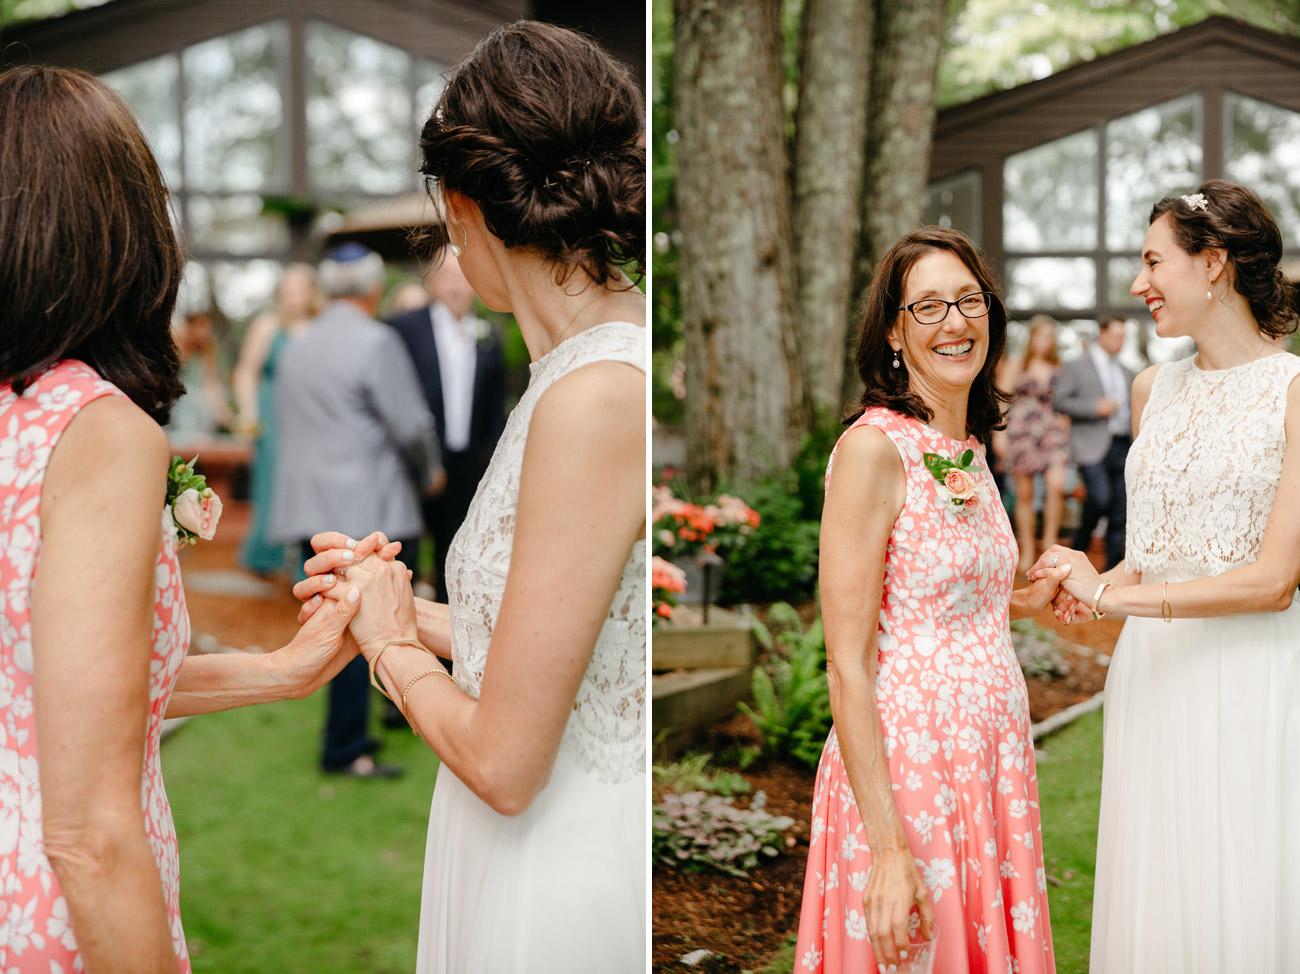 capecod_backyard_wedding_photos_mikhail_29.JPG